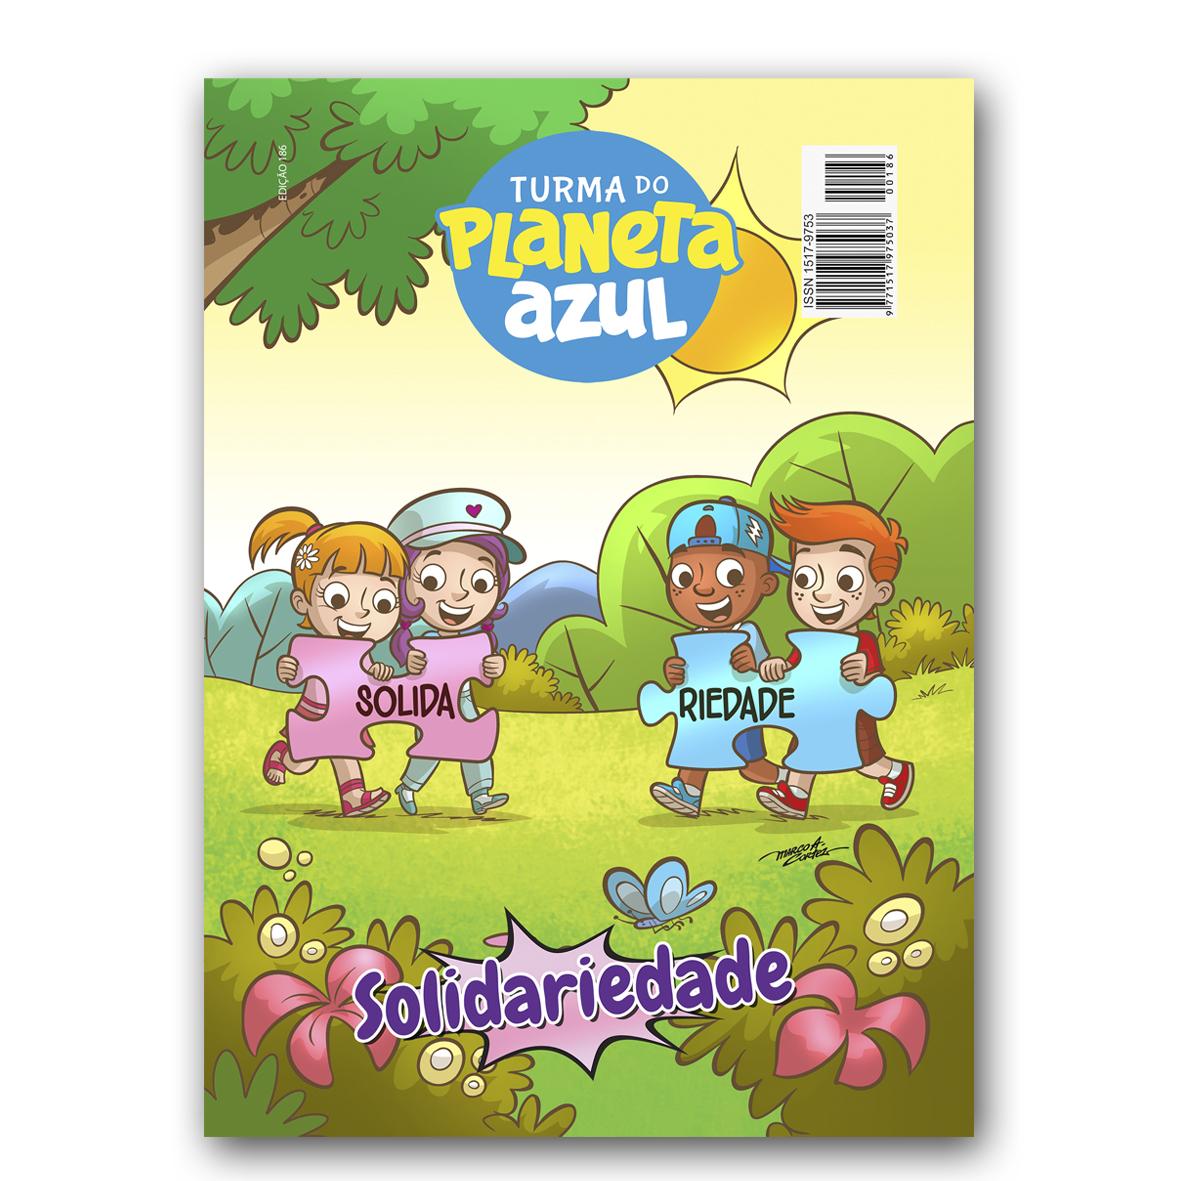 Revista Turma Planeta Azul - Ed 186 Solidariedade